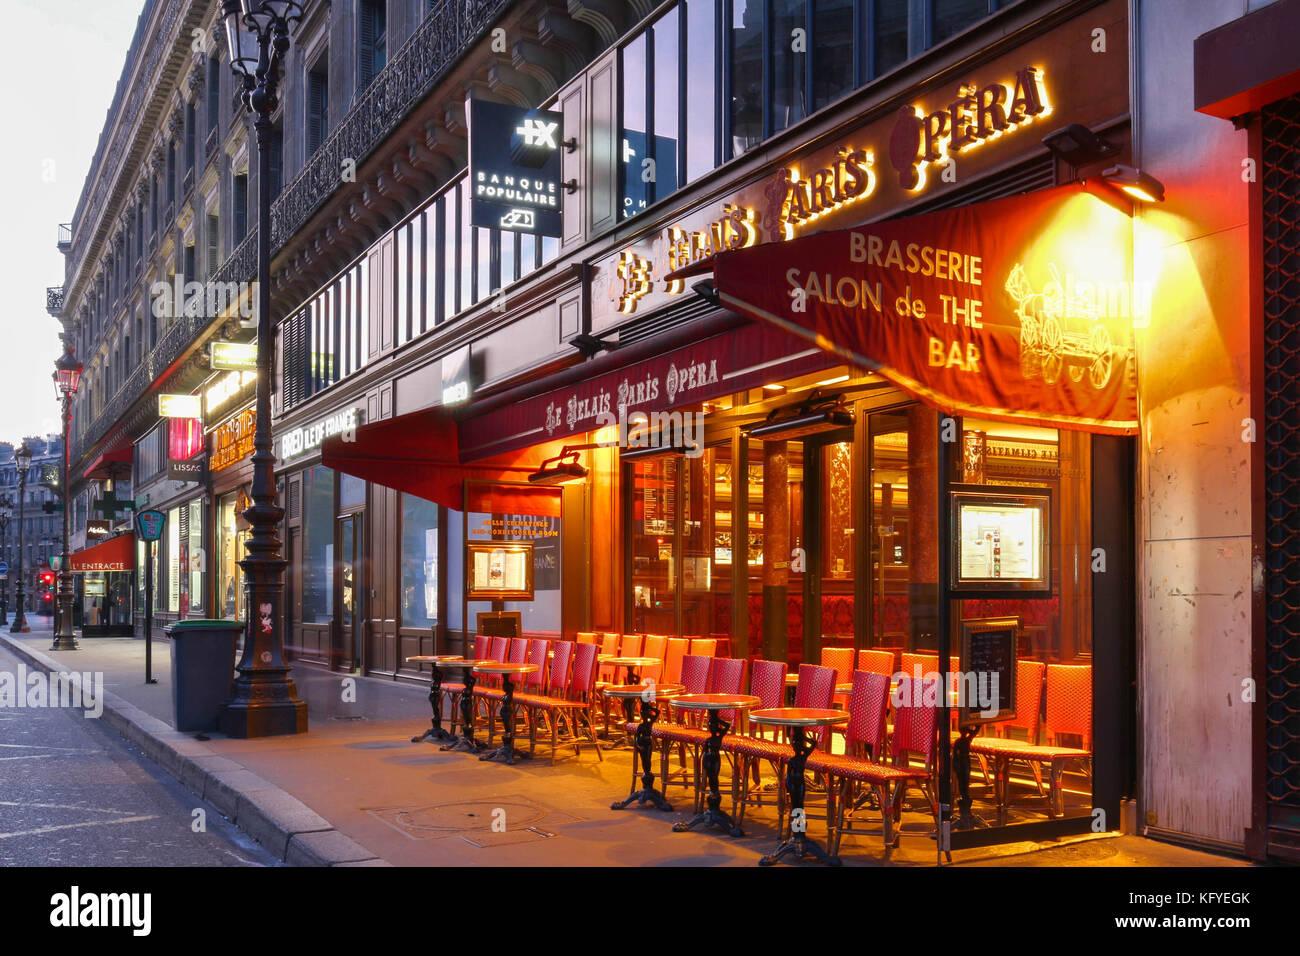 Le café parisien traditionnel le relais Paris Opéra est situé près de l'Opéra Garnier à Paris, France. Banque D'Images